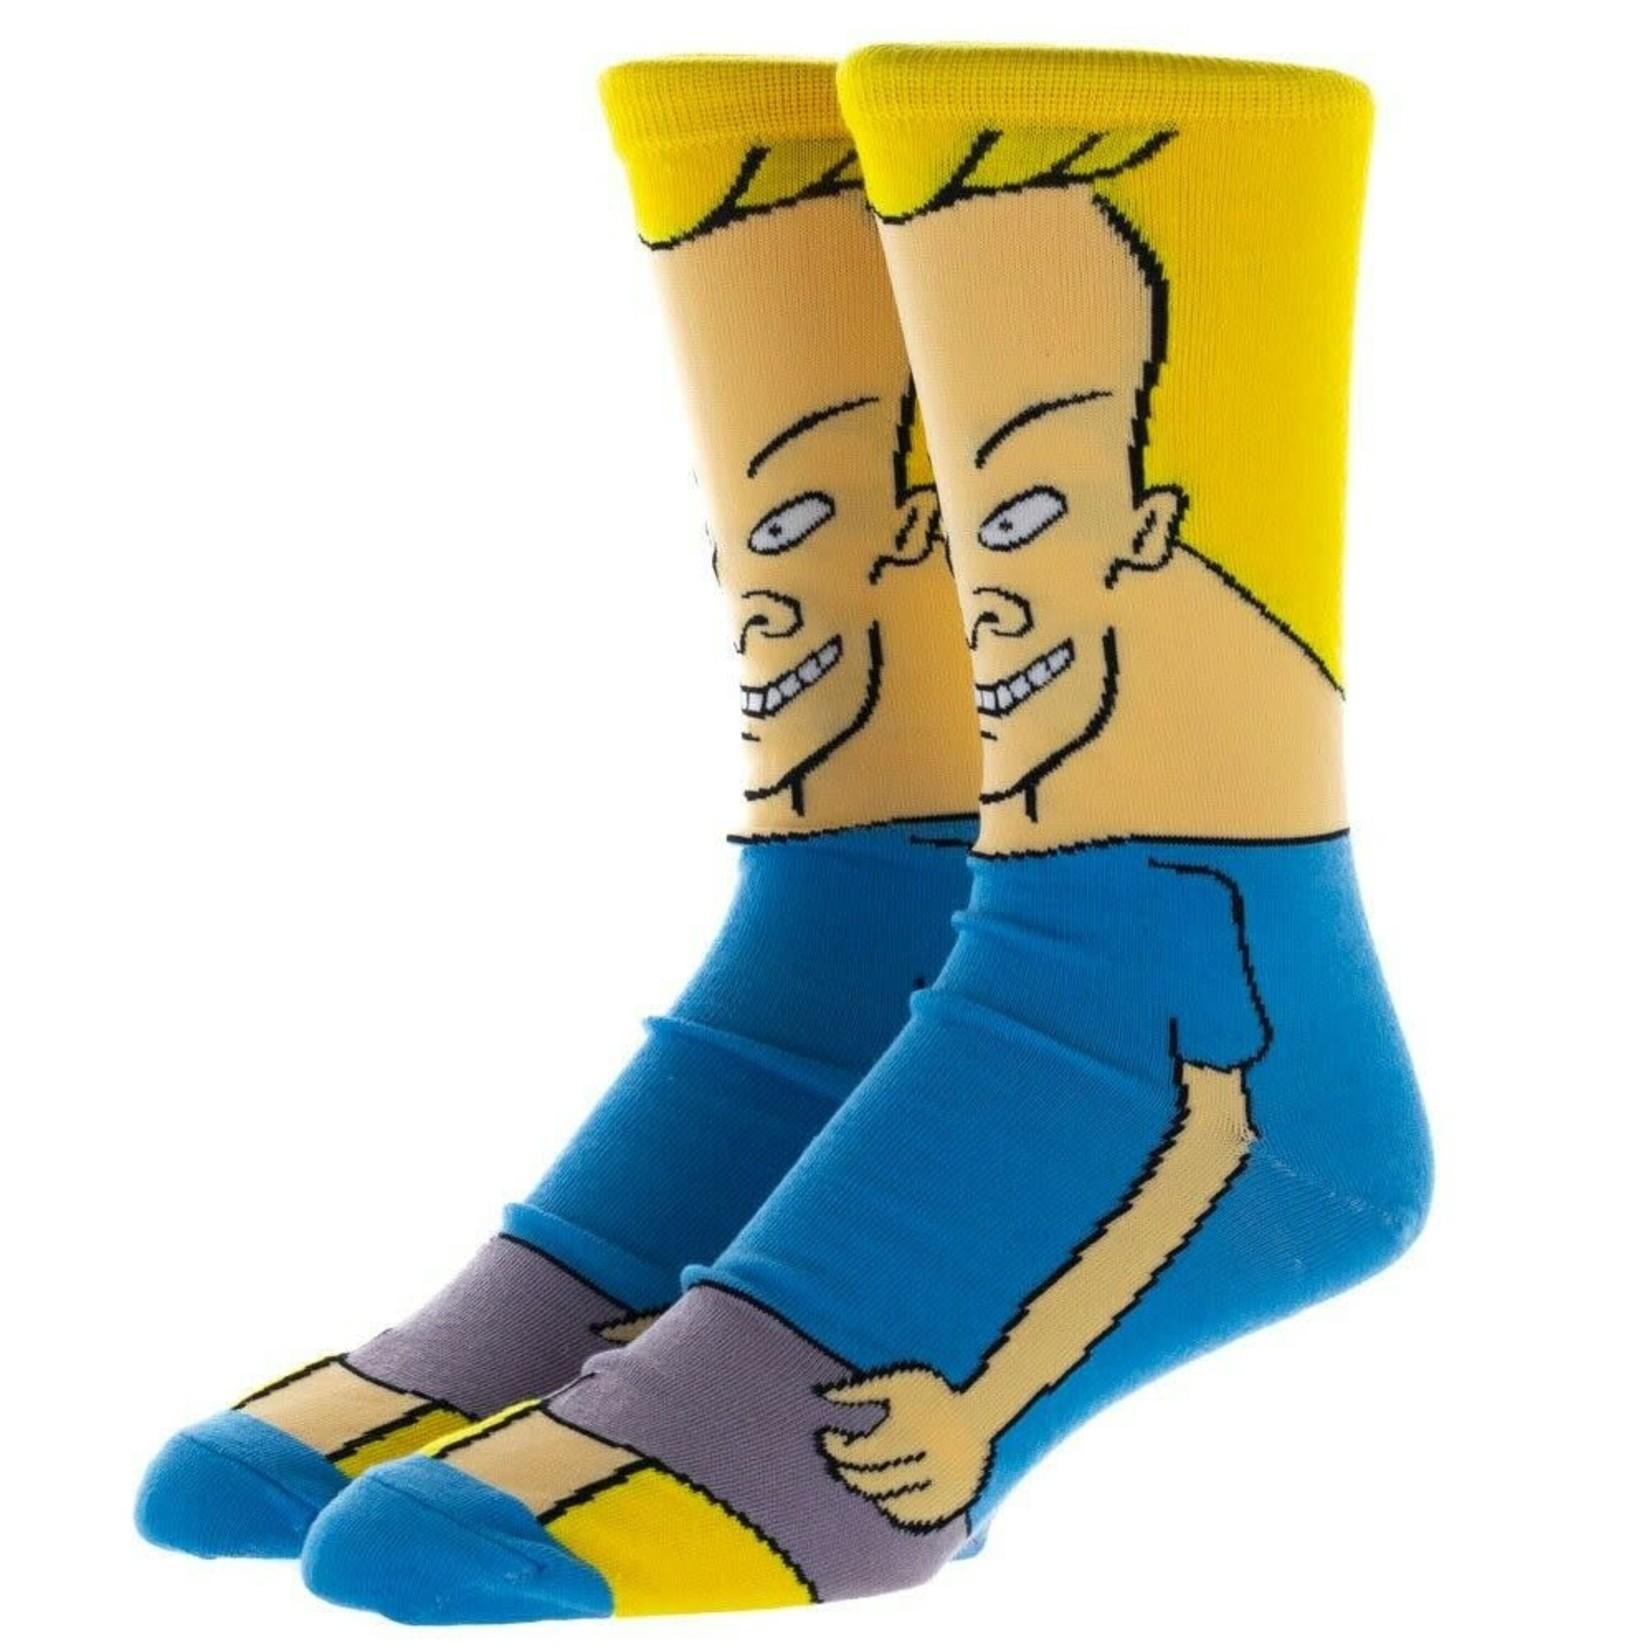 Socks (Mens) - Beavis (Beavis And Butt-Head)